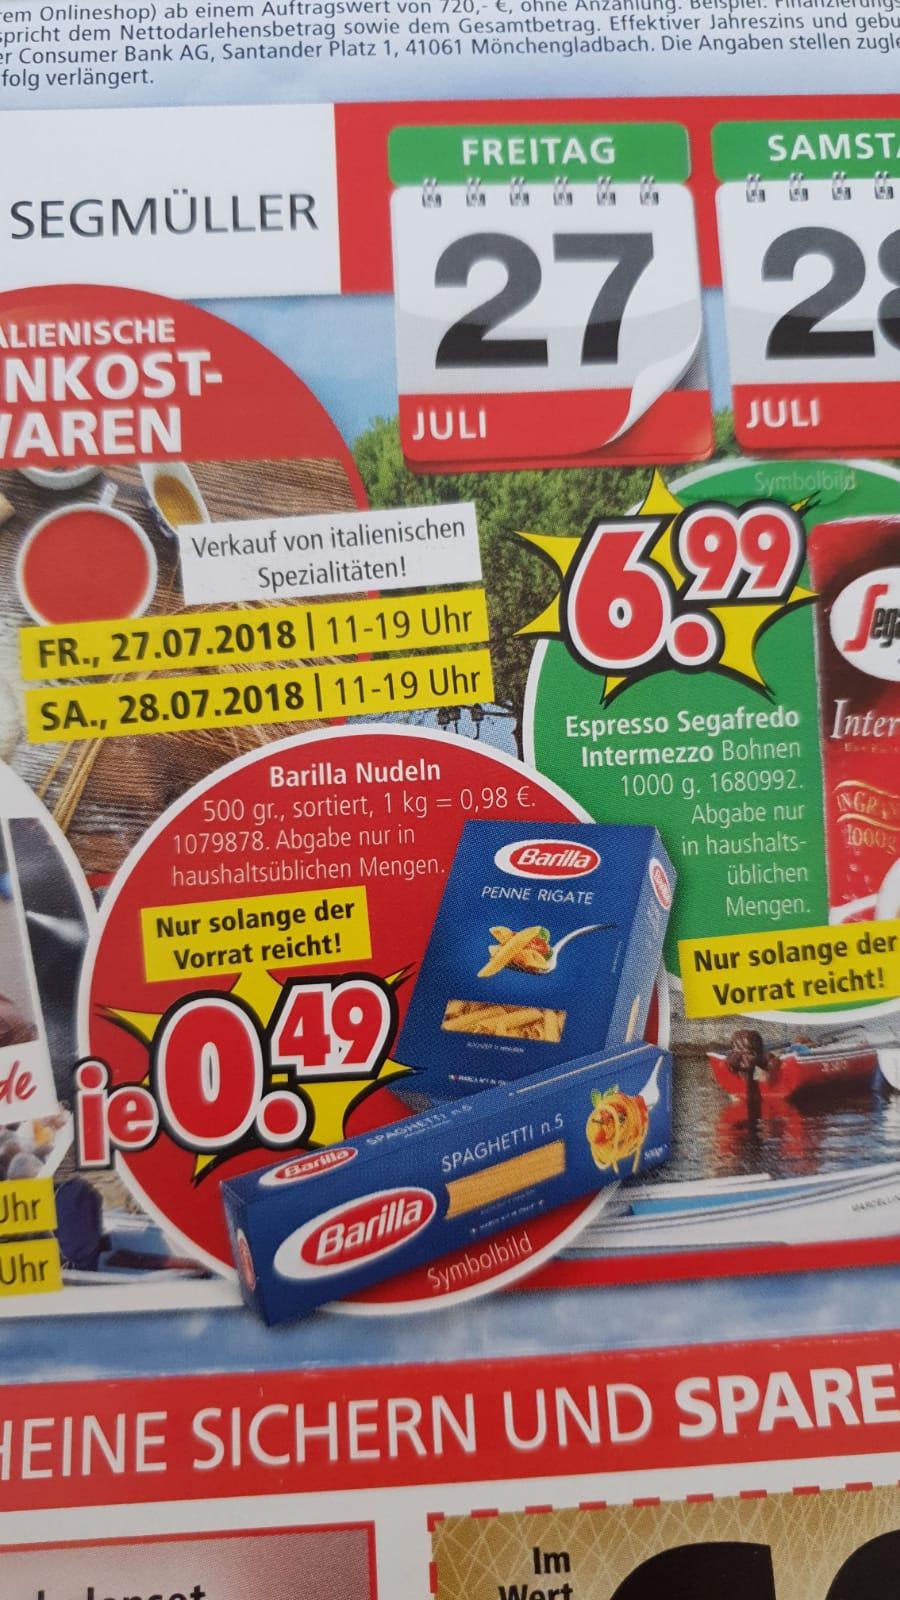 [Lokal Köln Pulheim][Segmüller] Barilla Nudeln versch. Sorten 500gr. Packung für 0,49€